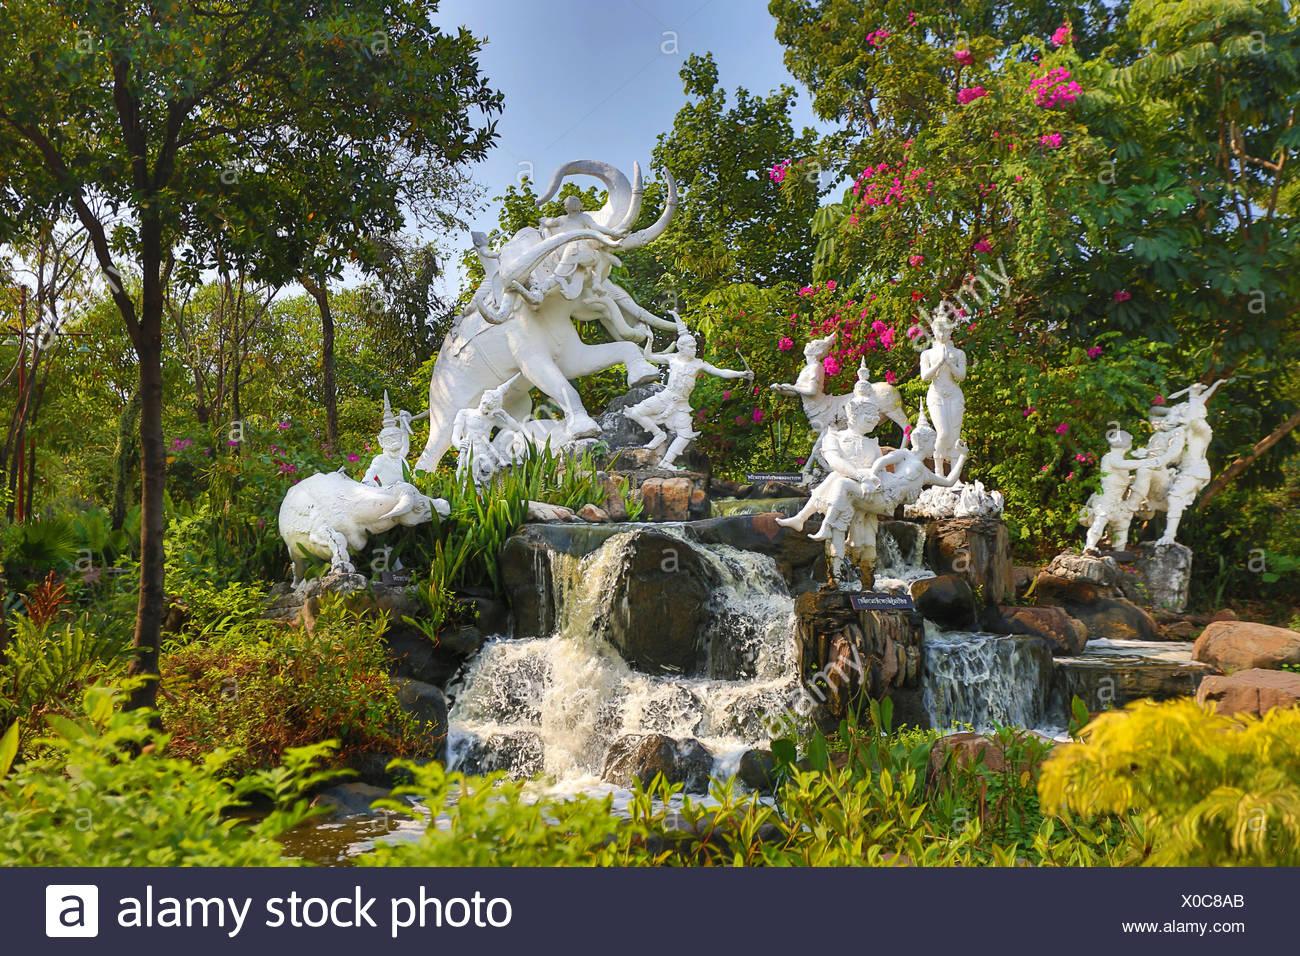 Thailand, Asien, Bangkok, alte, Siam Park, künstlerische, schöne, bunte, Elefant, Garten, monumentale, alt, Park, Wasserfall Stockbild